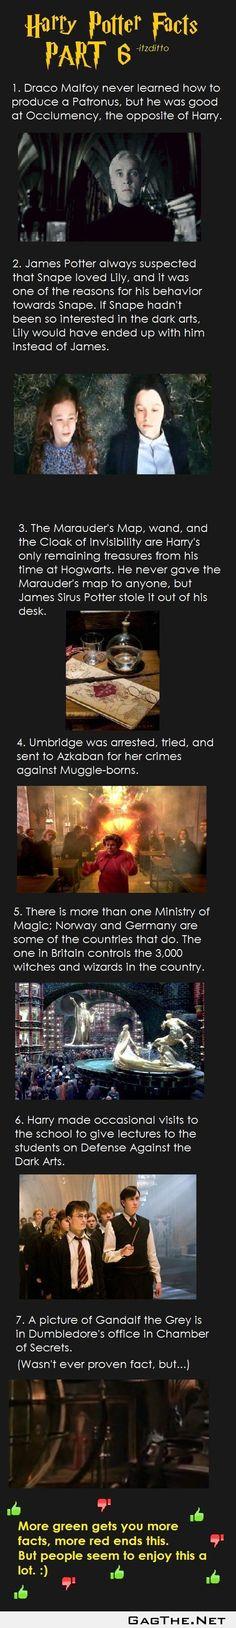 Harry Potter Facts Part 6 (Geek Stuff Hogwarts) Harry Potter World, Theme Harry Potter, Harry Potter Quotes, Harry Potter Books, Harry Potter Love, Harry Potter Universal, Harry Potter Fandom, Fans D'harry Potter, Potter Facts